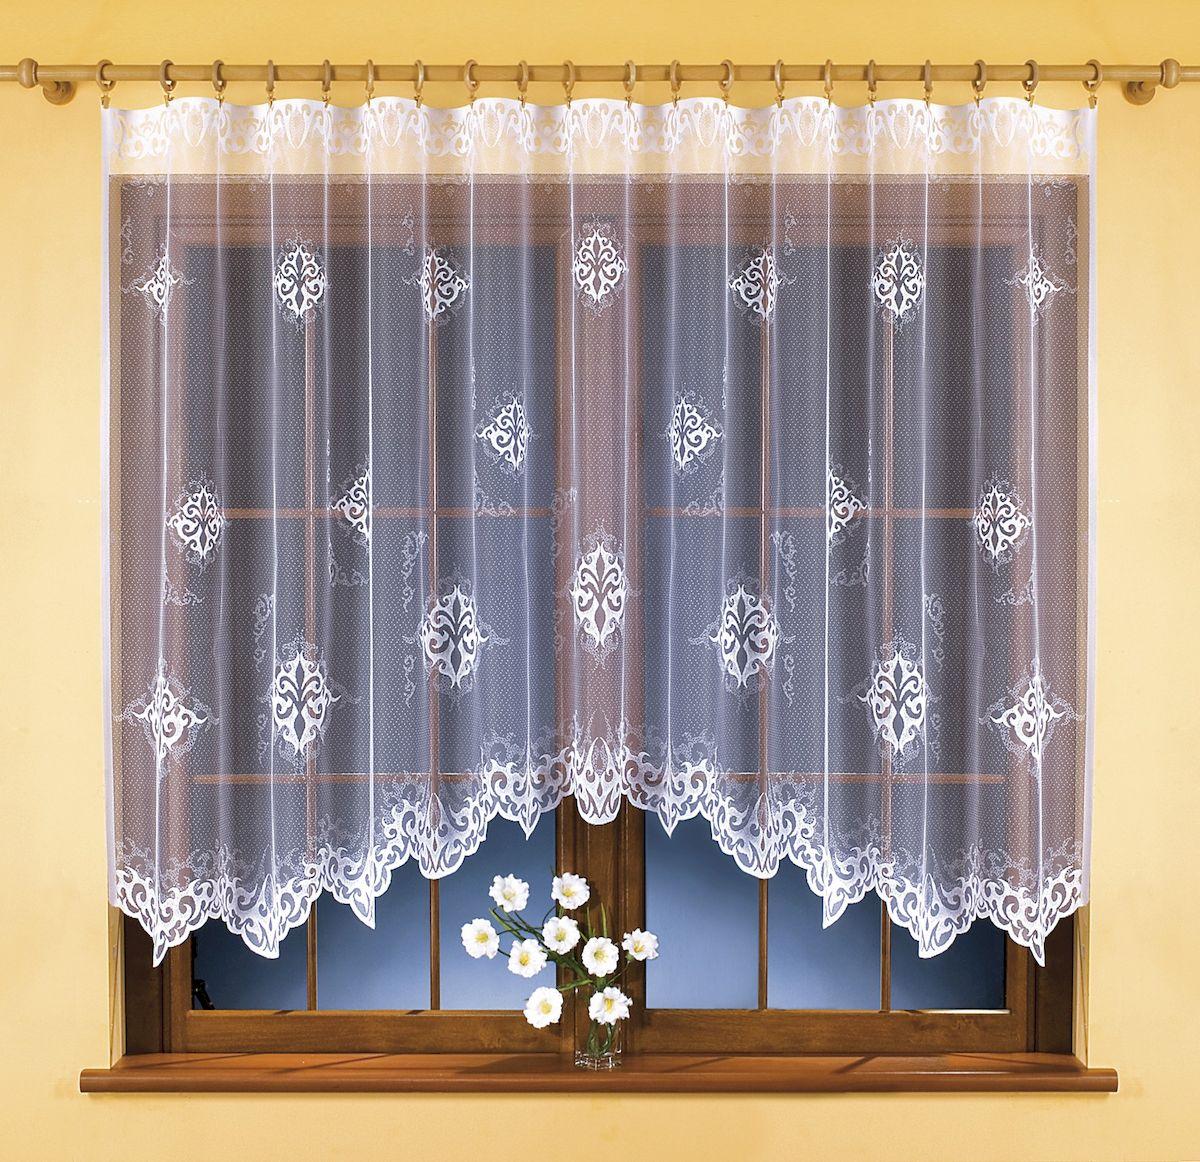 Гардина Wisan, цвет: белый, высота 150 см. 98539853Воздушная гардина-арка Wisan, изготовленная из 100% полиэстера, станет великолепным украшением любого окна. Изящный цветочный узор и текстура ткани привлекут к себе внимание и органично впишутся в интерьер комнаты. Оригинальное оформление гардины внесет разнообразие и подарит заряд положительного настроения. Крепится при помощи шторной ленты.